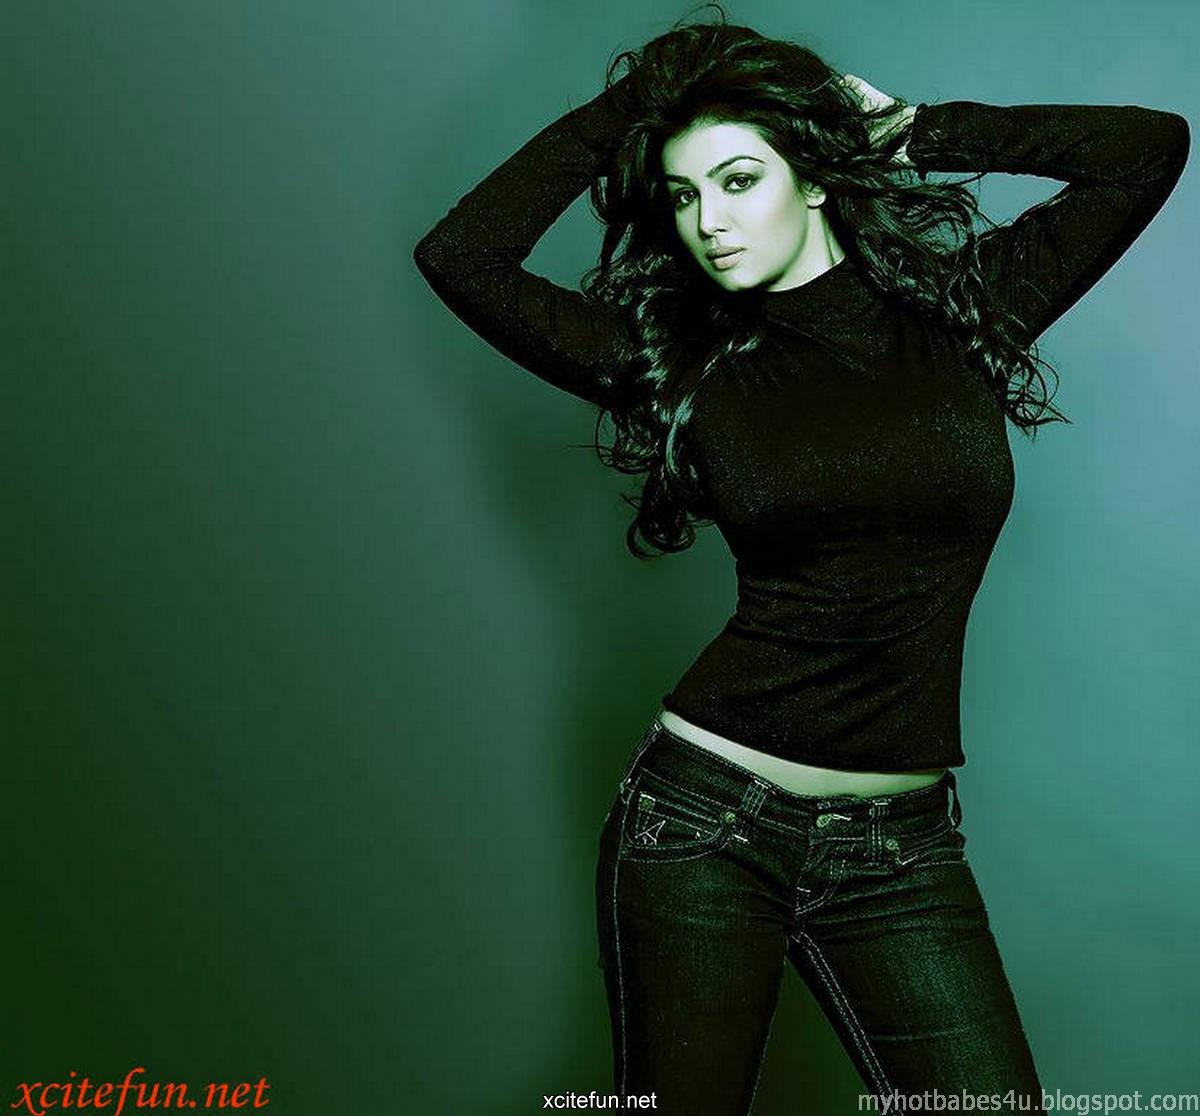 http://3.bp.blogspot.com/-s_uTbkCx0EQ/Tc6Cp9bNSkI/AAAAAAAAAgw/8IStDJWJ2_g/s1600/209088%252Cxcitefun-ayesha-takia-azmi-wallpapers-3.jpg